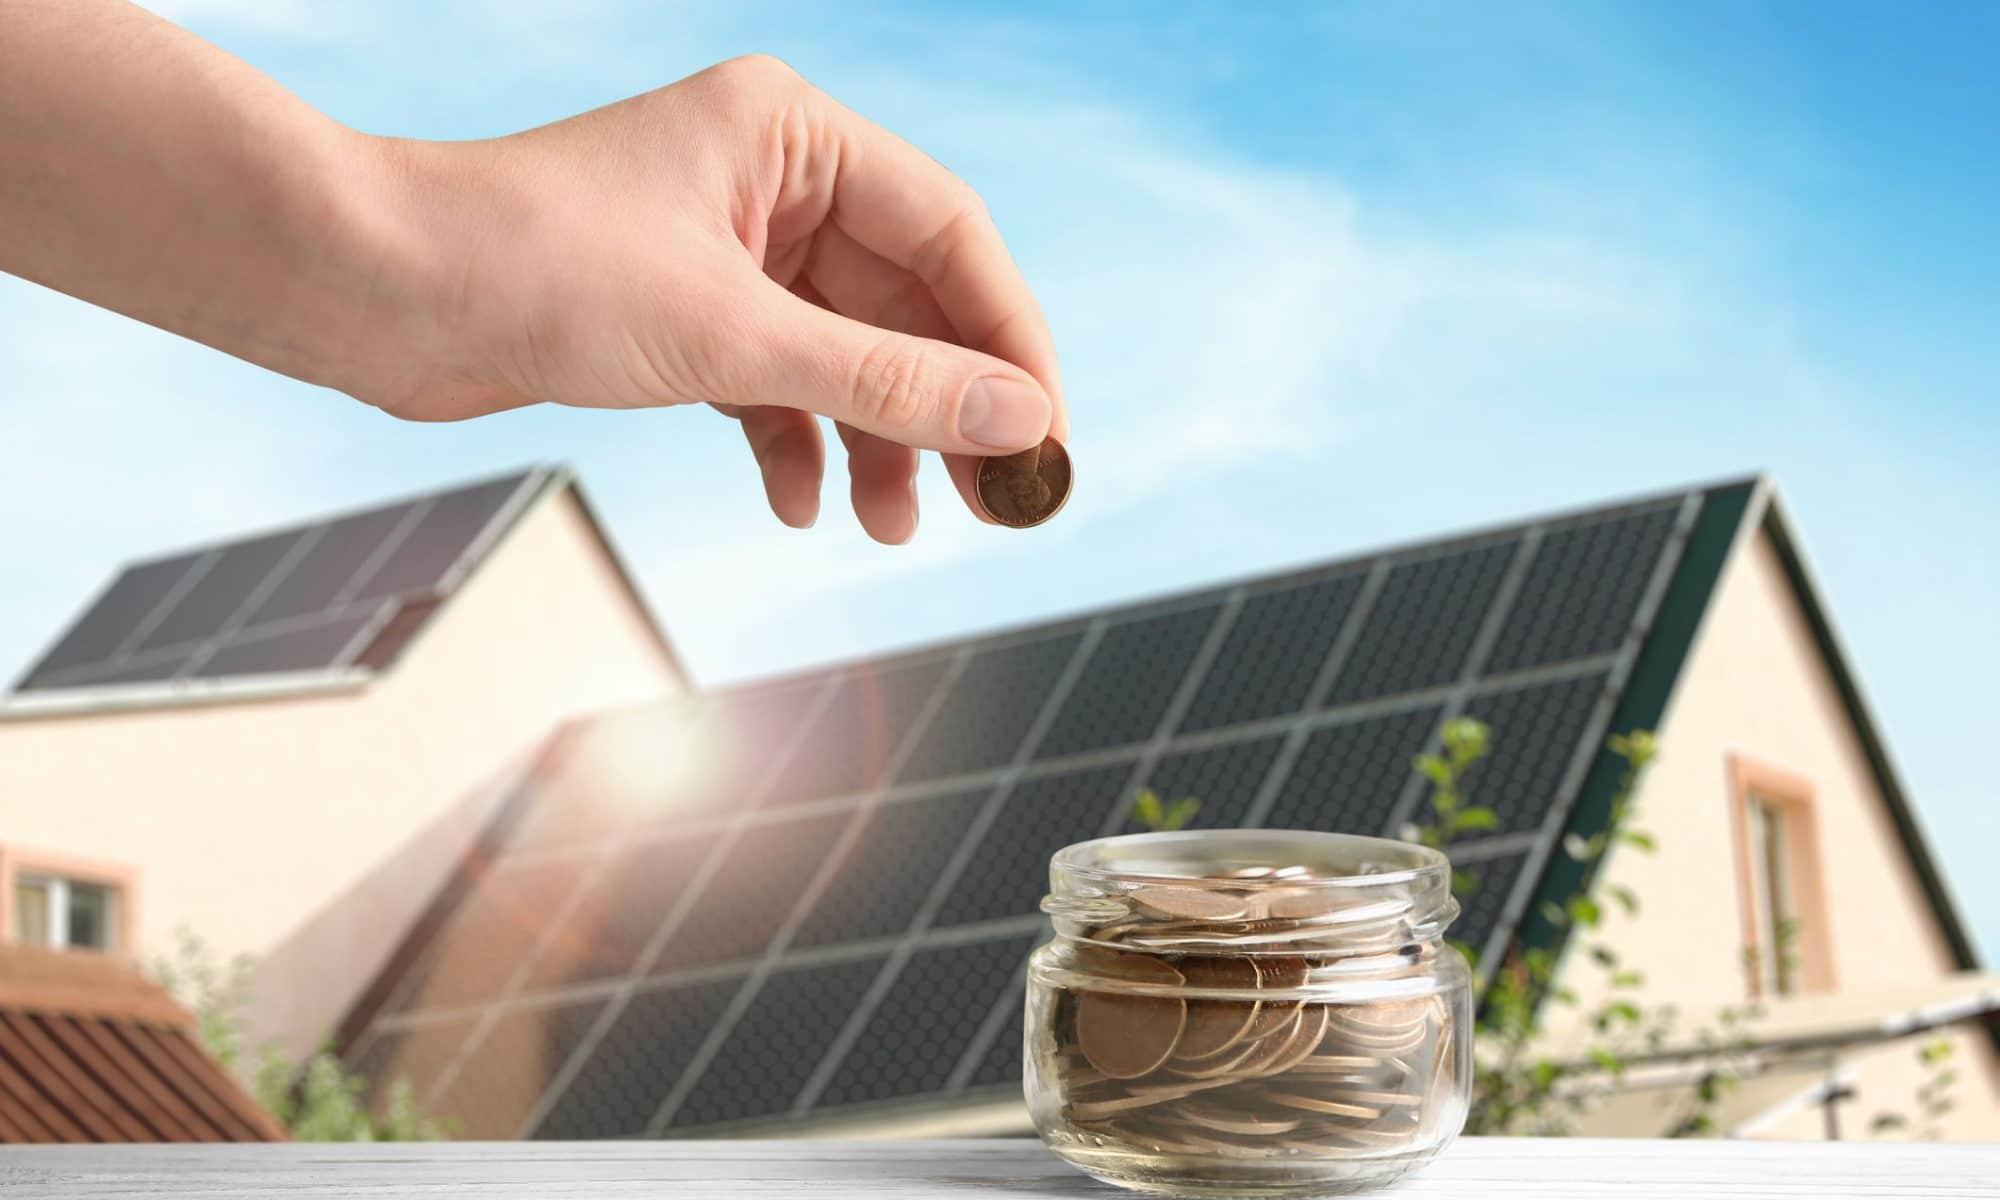 Residential solar Morris County NJ